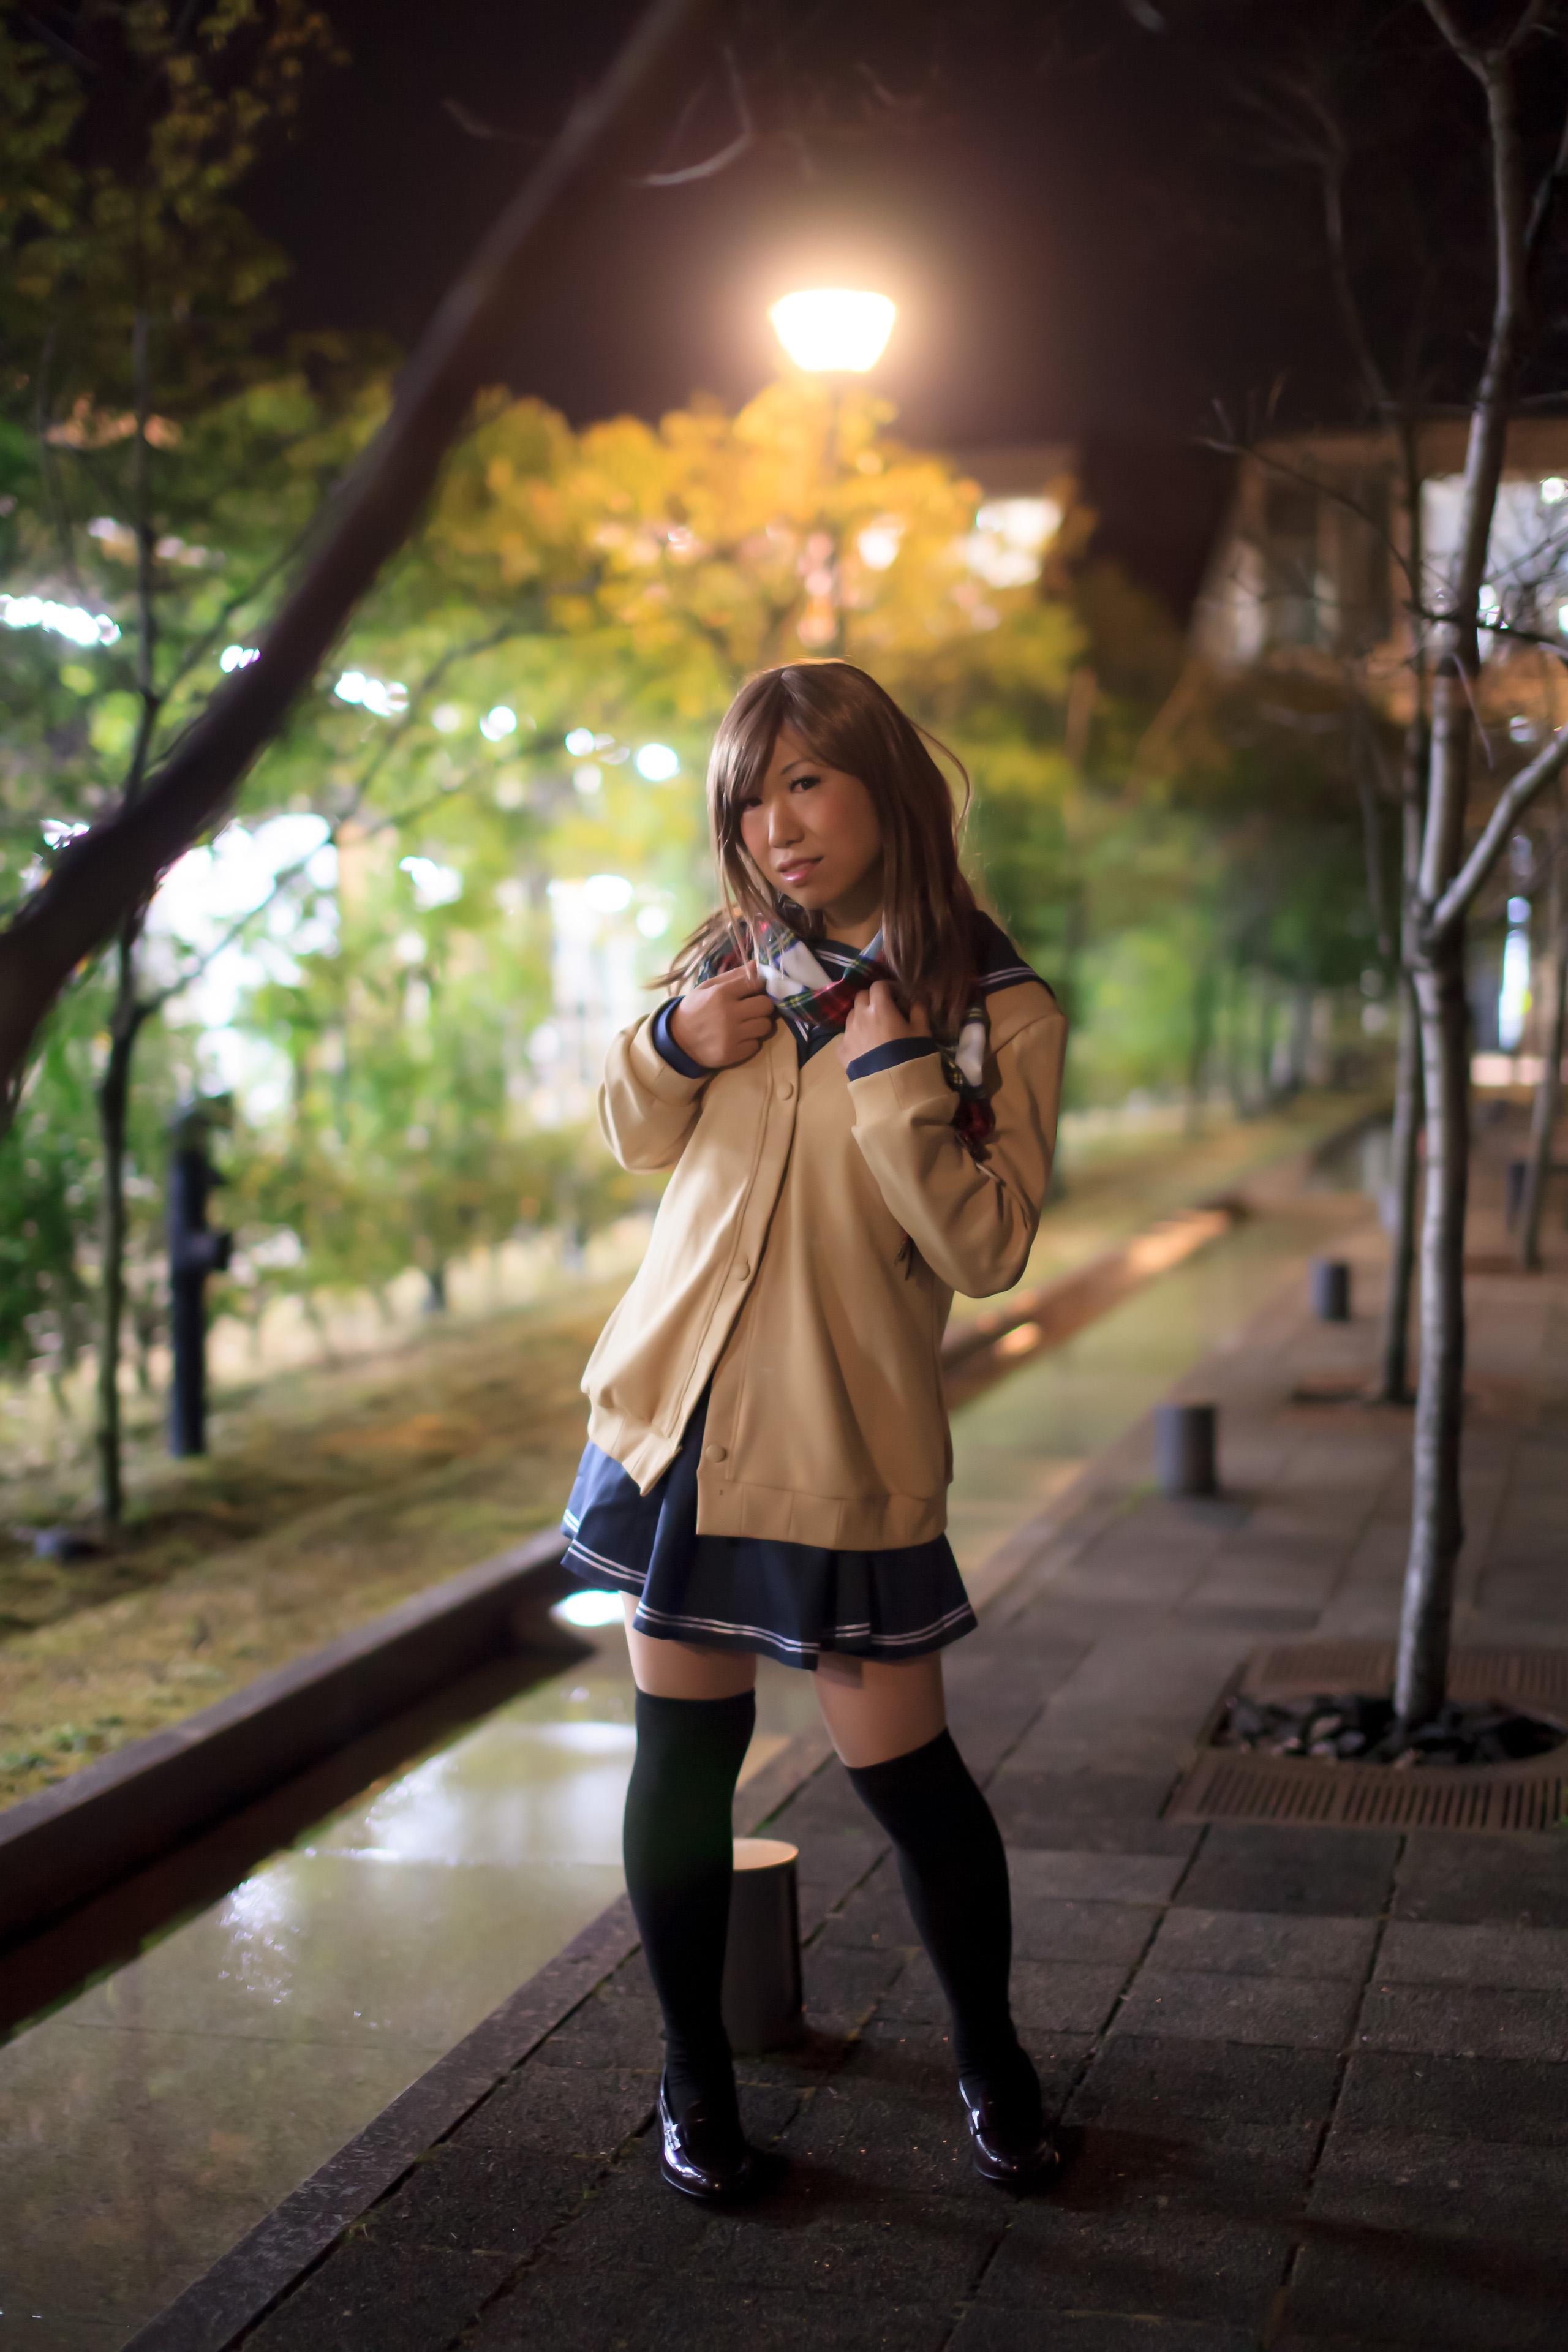 IMG_50330_4K2.jpg